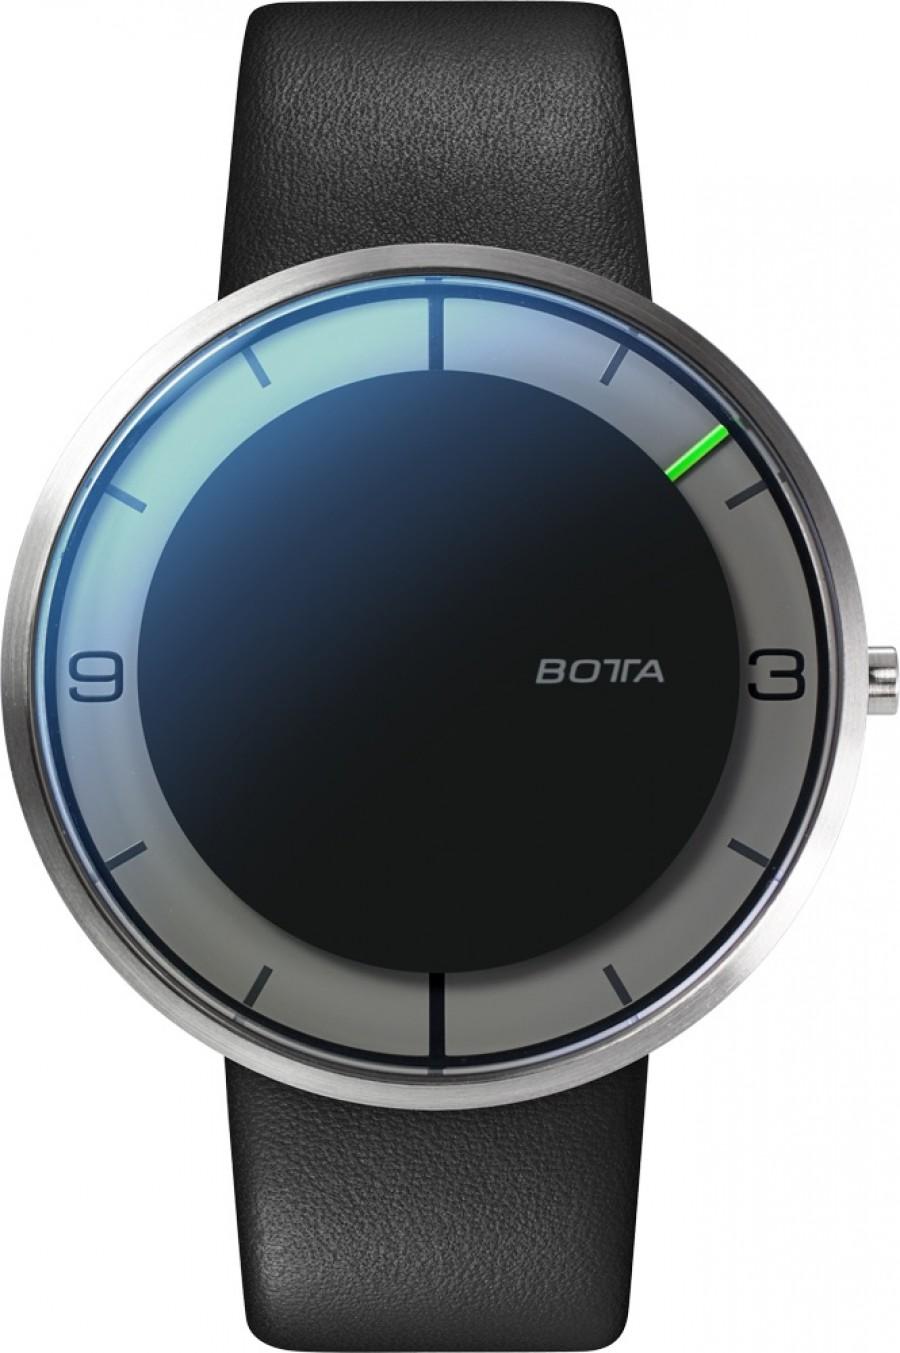 Botta Design Nova 759010 quartz 44mm